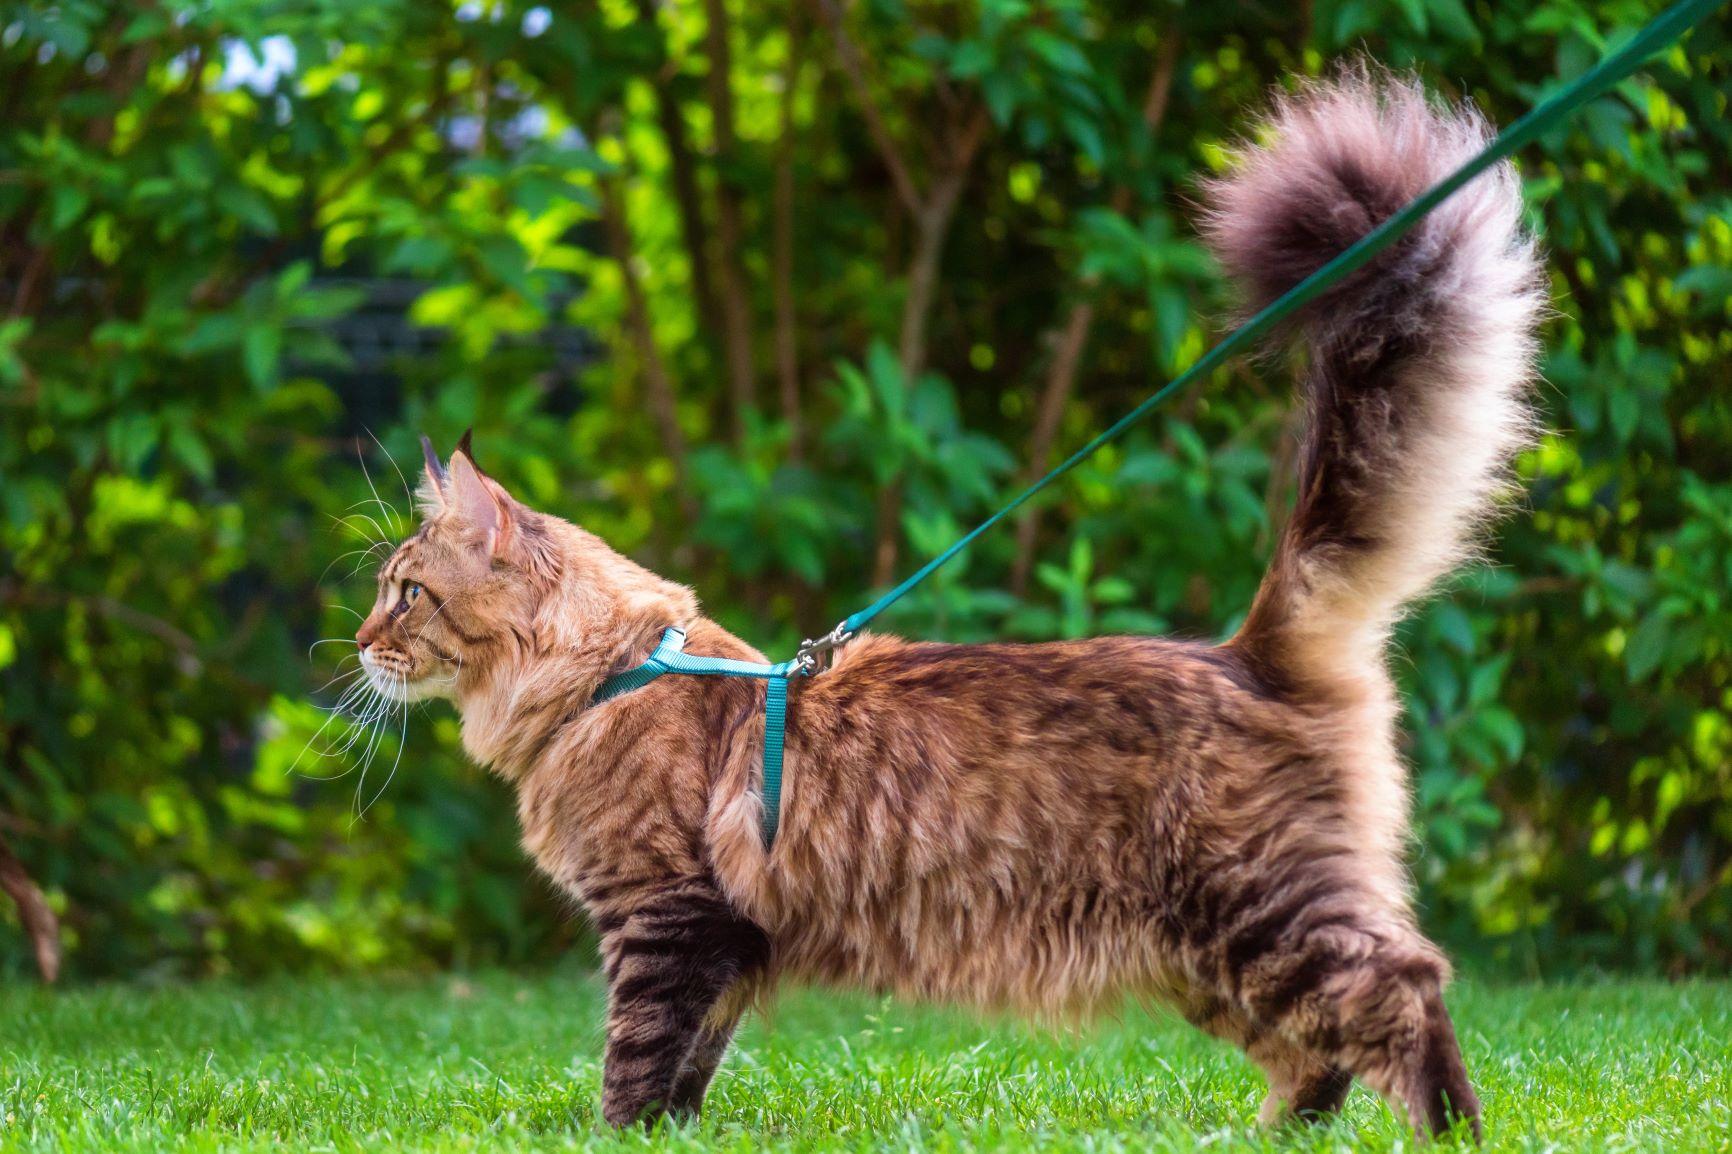 Habituar gatos a passear com trela | Dicas e cuidados a ter